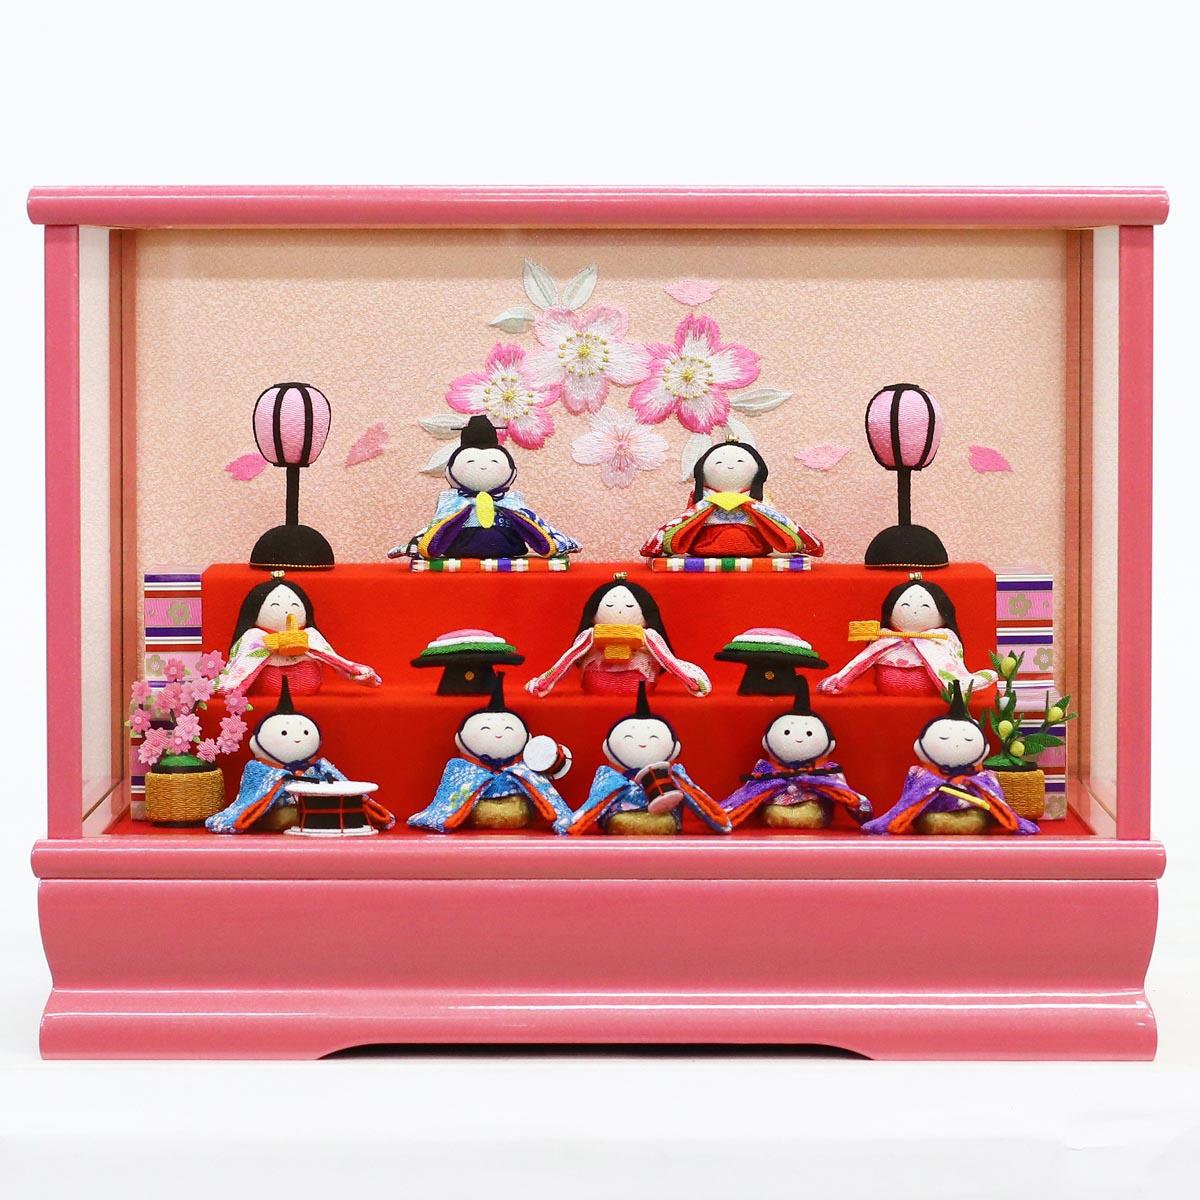 【あす楽_etc】 雛人形 リュウコドウ コンパクト ちりめん雛 プレミアムわらべ雛 10人揃いオルゴール付きケース飾り ピンク 雛人形 HNRK-MRT-E (1-658 303P)ひな人形 かわいい 雛 ひな人形 小さい ミニ